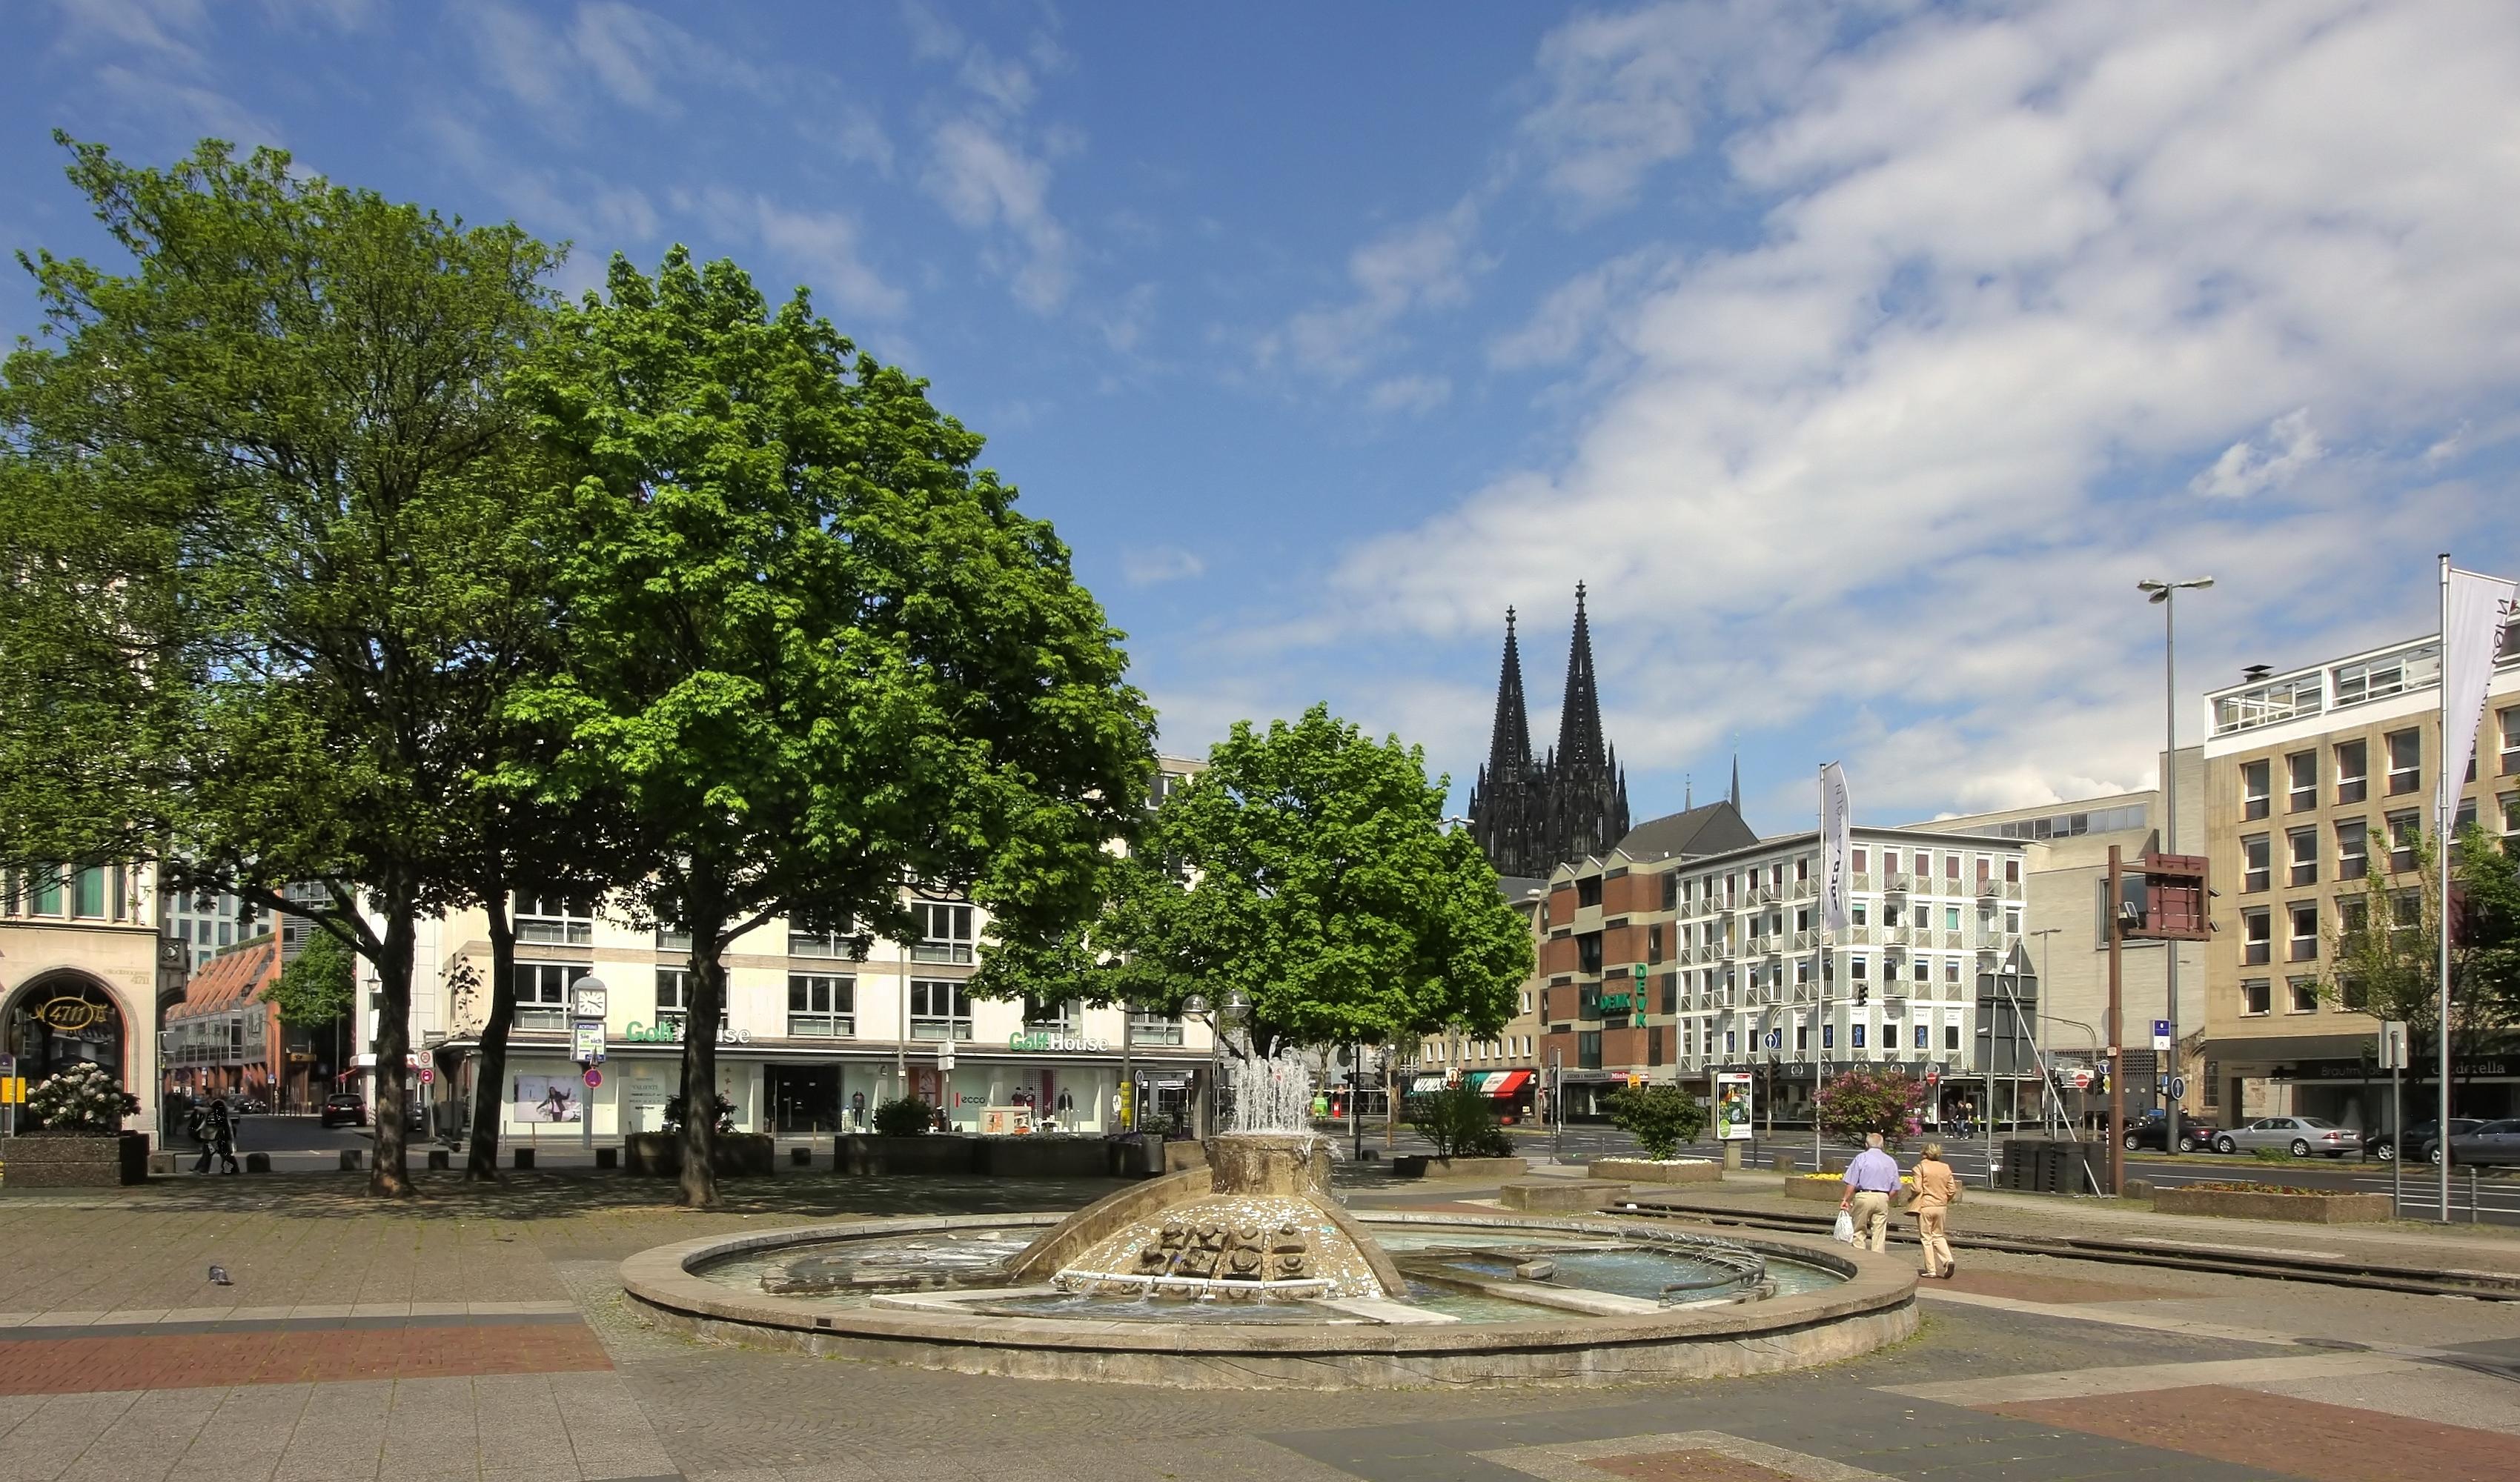 File:Offenbachplatz Köln mit Opernbrunnen (9395-97).jpg